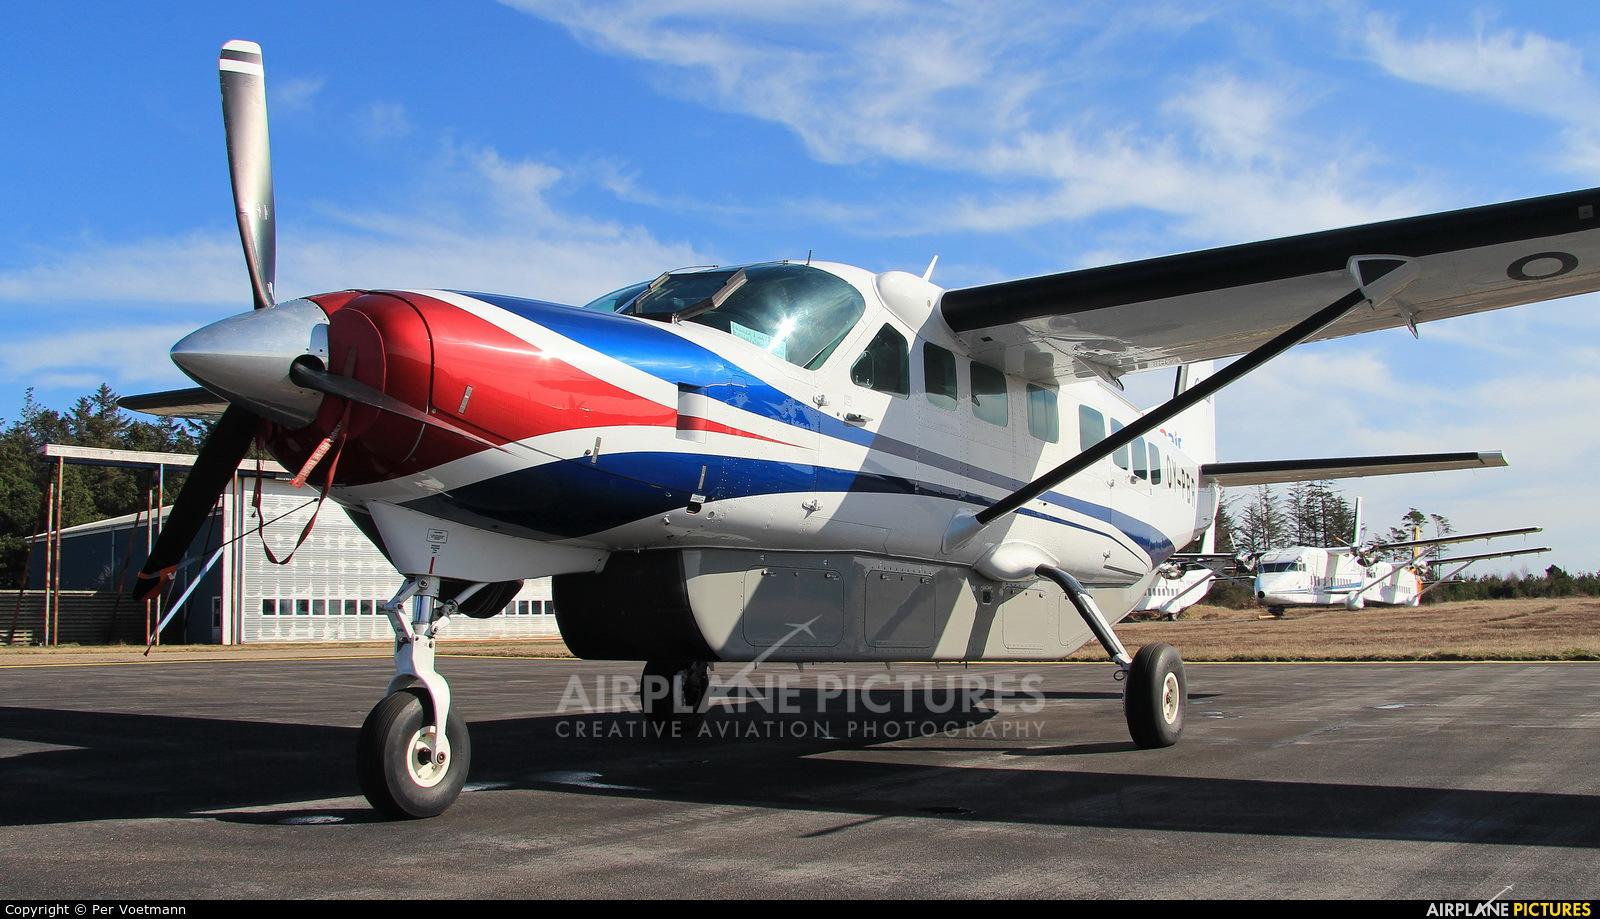 Benair OY-PBR aircraft at Stauning